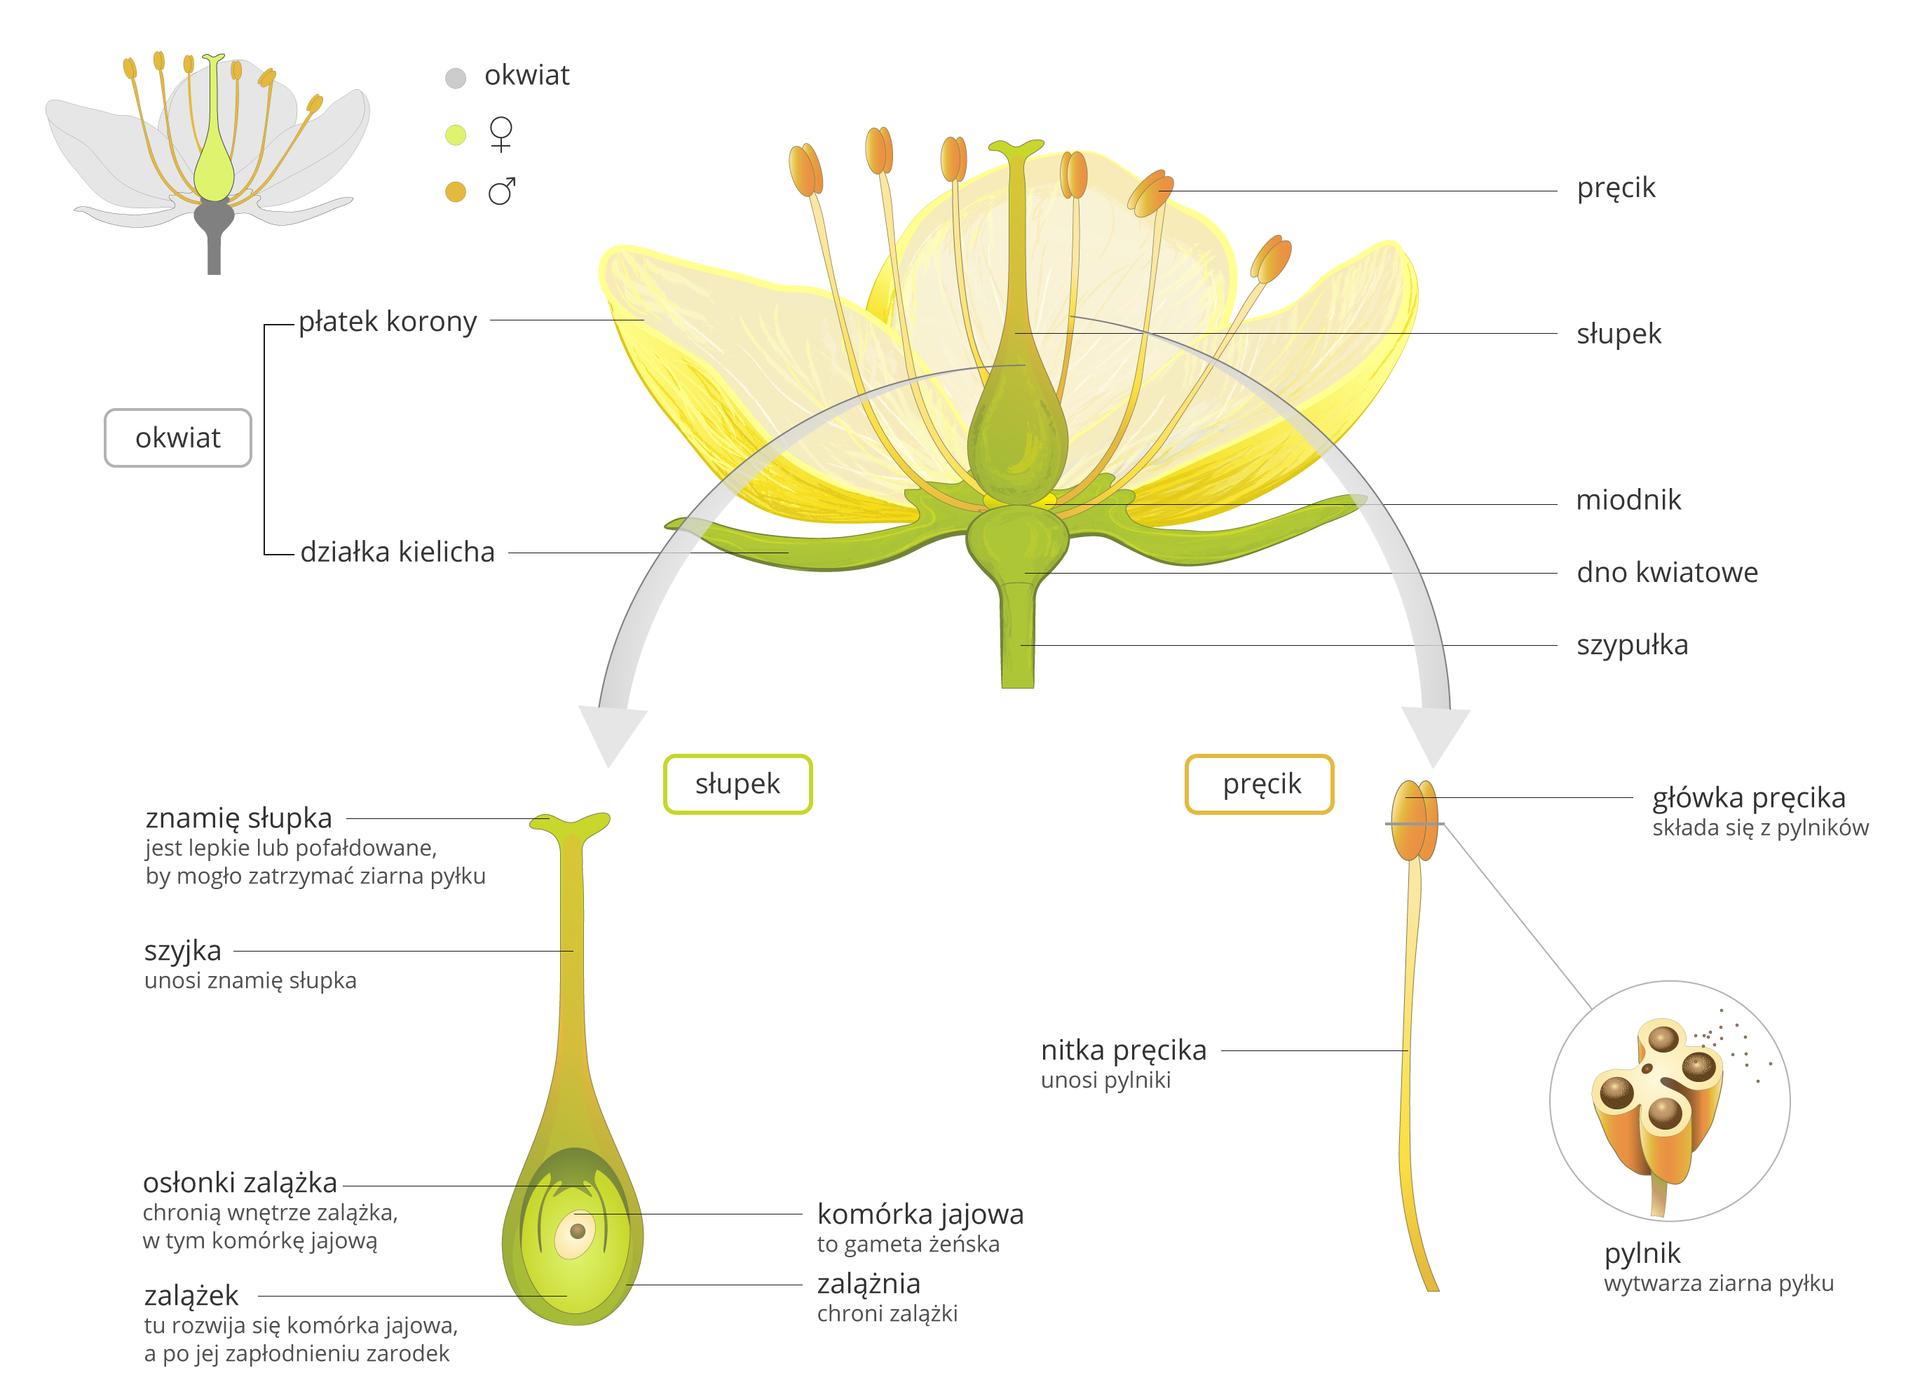 Ilustracja przedstawia szczegółową budowę kwiatu. Ilustracja składa się ztrzech elementów. Na górze kwiat, poniżej na lewo słupek, na prawo pręcik.Kwiat. Ilustracja to kwiat wprzekroju podłużnym. Trzy żółte płatki owalne, otaczają słupek. Wokół słupka sześć pręcików. Pręciki wyrastają zdna kwiatowego nad którym jest miodnik. Pod płatkami znajdują się wydłużone wąskie działki kielicha. Poniżej zielona łodyga. To szypułka. Ilustracja słupka. Dolna część słupka ma kształt owalny. To zalążnia. Wzalążni znajduje się zalążek. Wcentrum zielonej zalążni znajduje się mała owalna komórka jajowa. Zalążek otacza osłonka zalążka. Nad zalążnią znajduje się wydłużona część słupka. To szyjka. Na szczycie szyjki znajduje się znamię słupka. Na prawo ilustracja pręcika. Pręcik składa się zdługiej nitki pręcika. Długość około trzy centymetry. Na szczycie nitki znajduje się główka pręcika. Główka składa się zdwóch symetrycznie przylegających owalnych płaskich pylników. Poniżej główka pręcika wpowiększeniu. Główka pręcika wprzekroju poprzecznym. Wewnątrz znajdują się cztery komory pylnikowe. Wpylnikach znajdują się drobne ziarna pyłku.